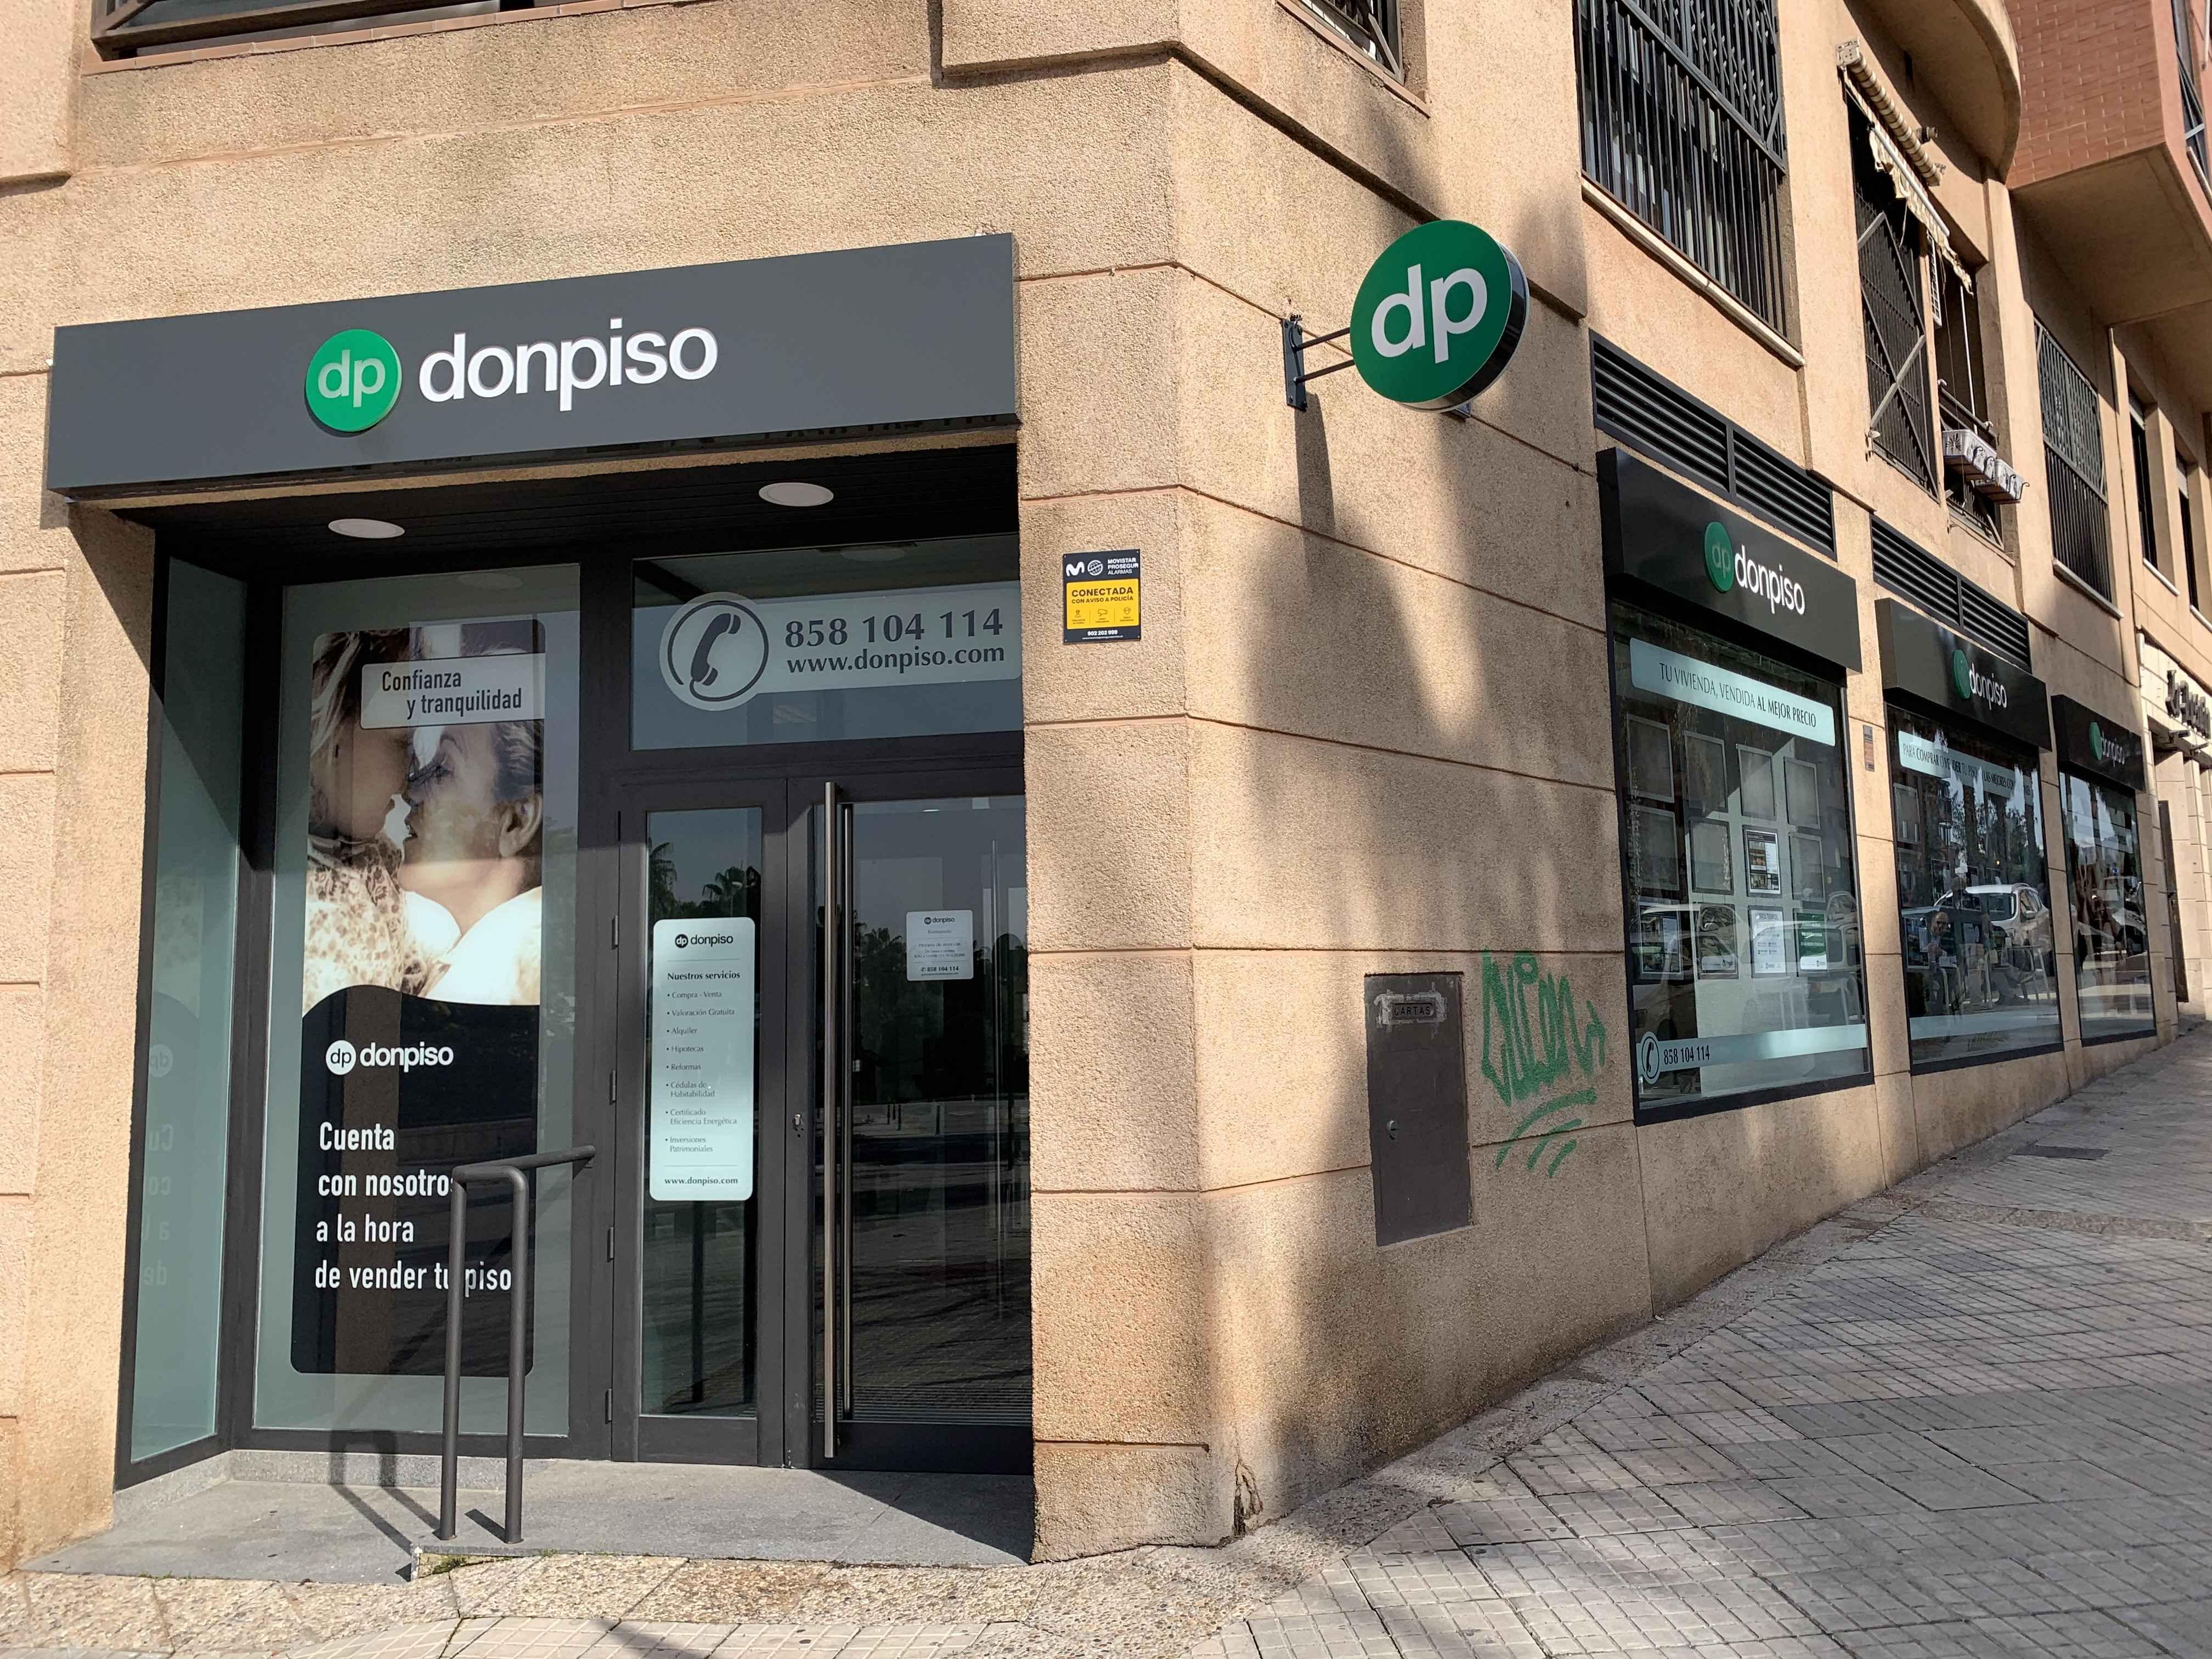 oficina donpiso Granada Centro